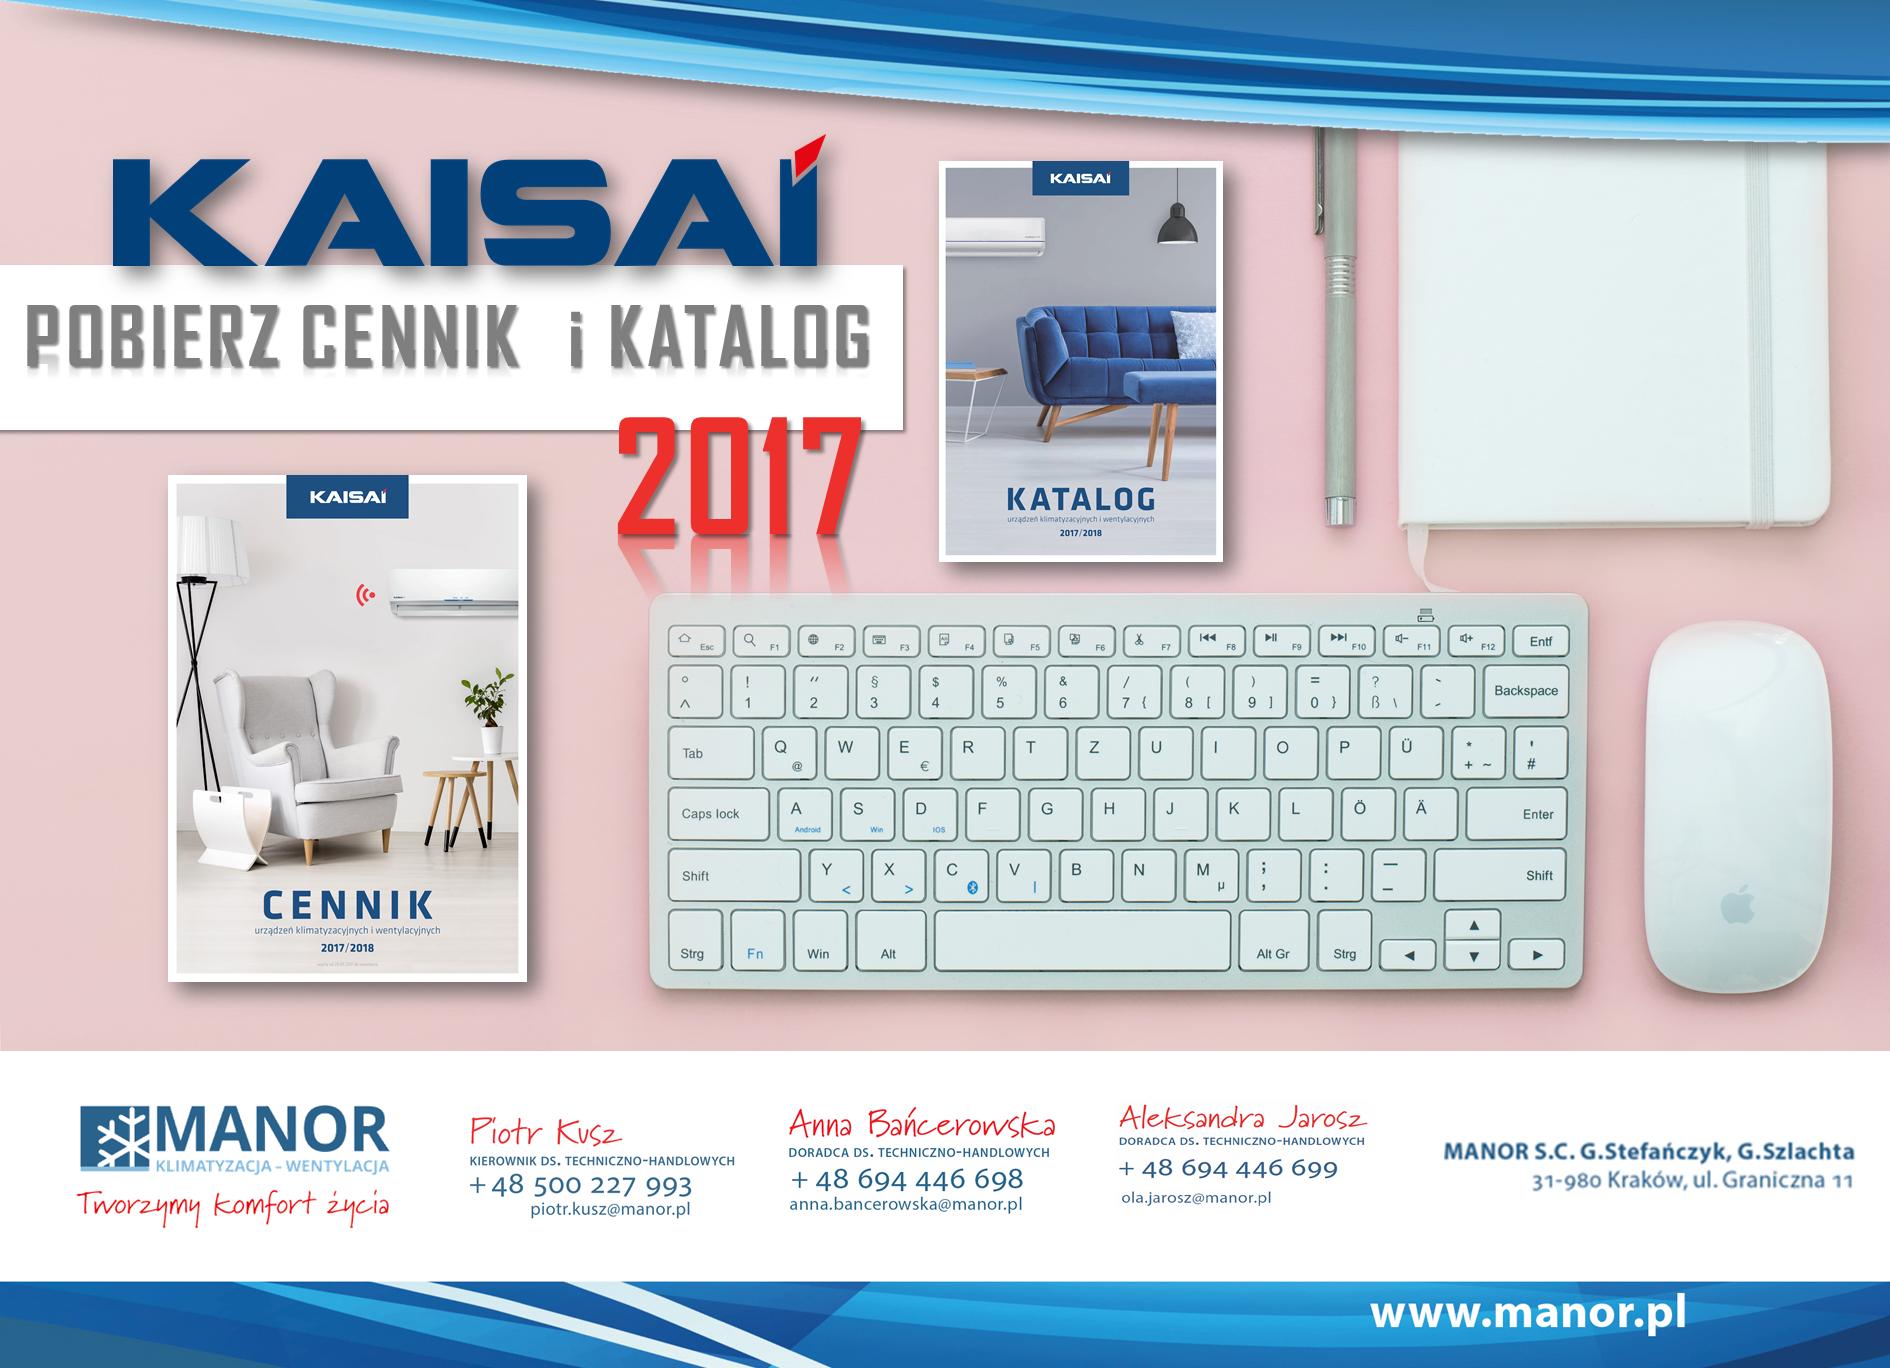 KAISAI – NOWY CENNIK I KATALOG 2017!